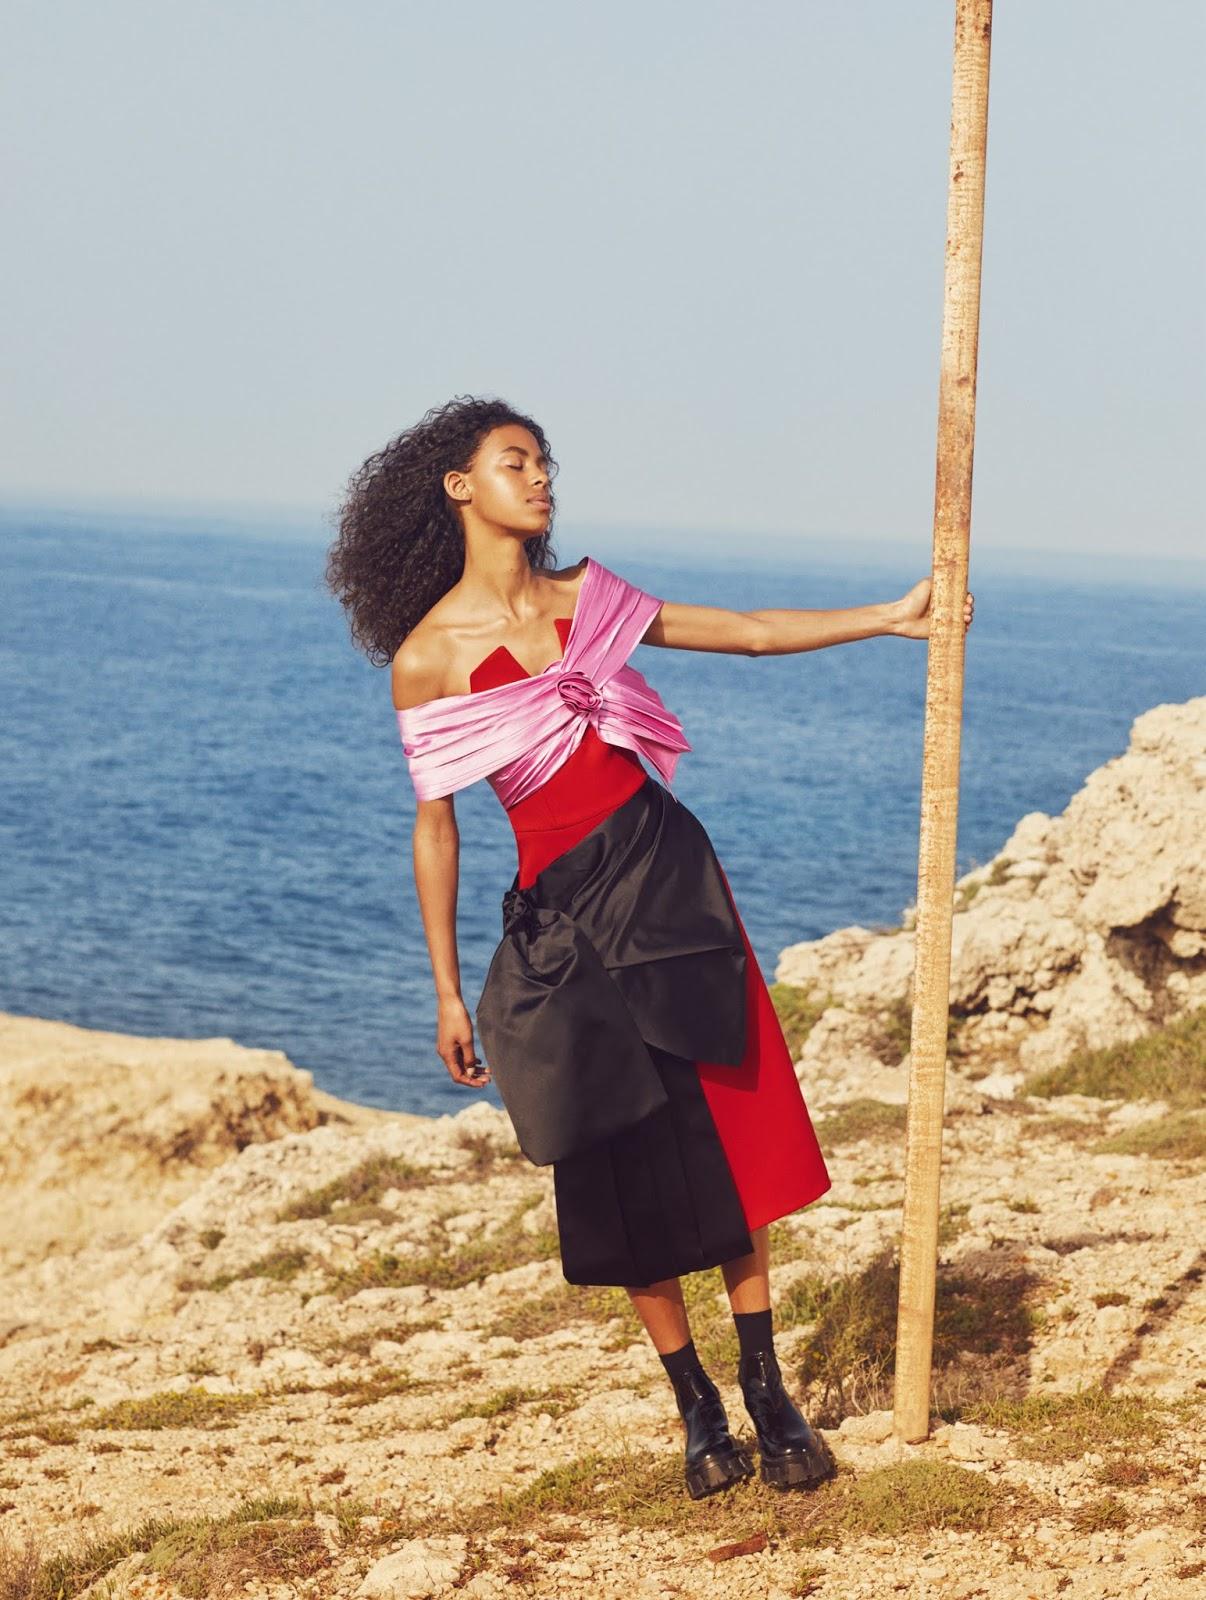 Alyssa Traore for Elle UK August 2019 (5).jpg